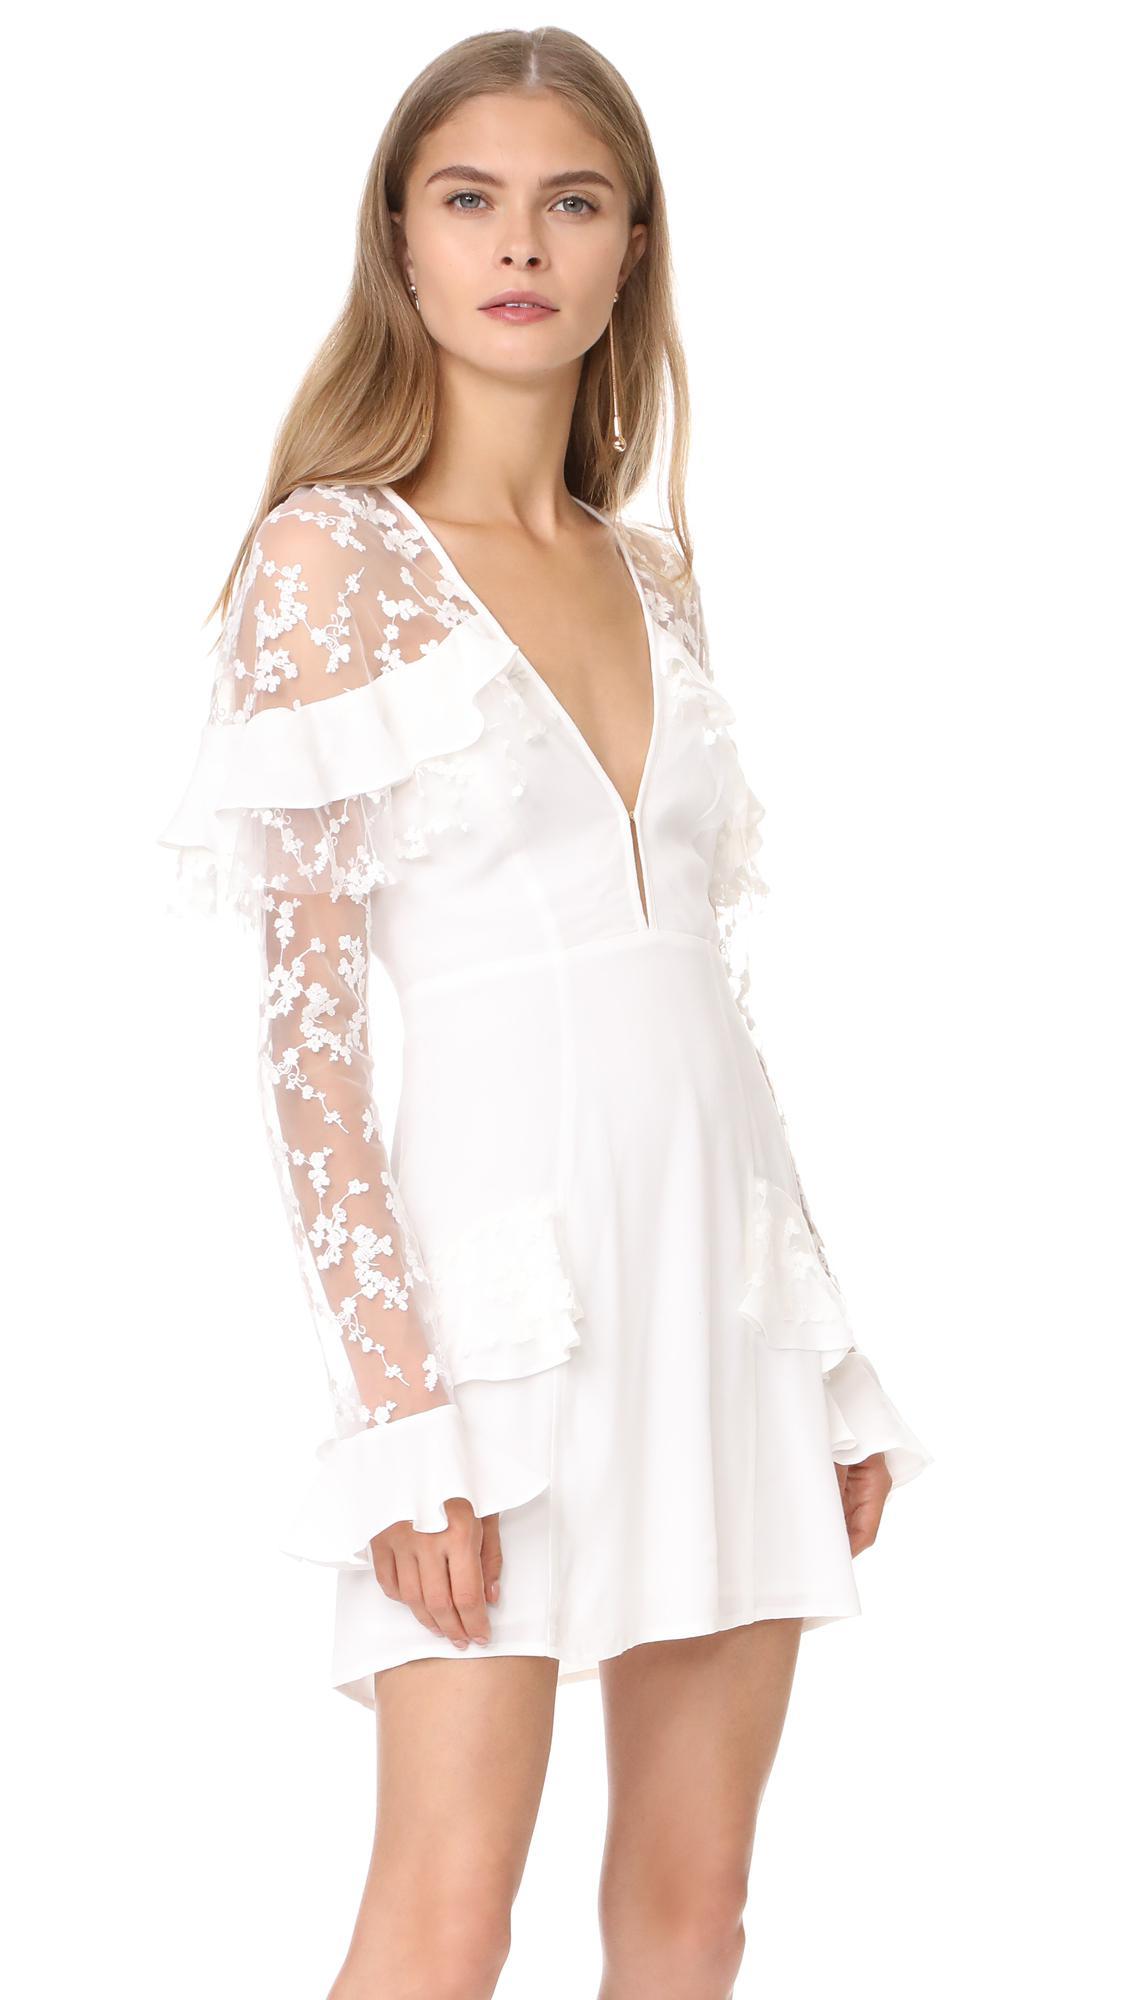 cdabc1b5e791 For Love & Lemons Rosebud Embroidery Mini Dress in White - Lyst